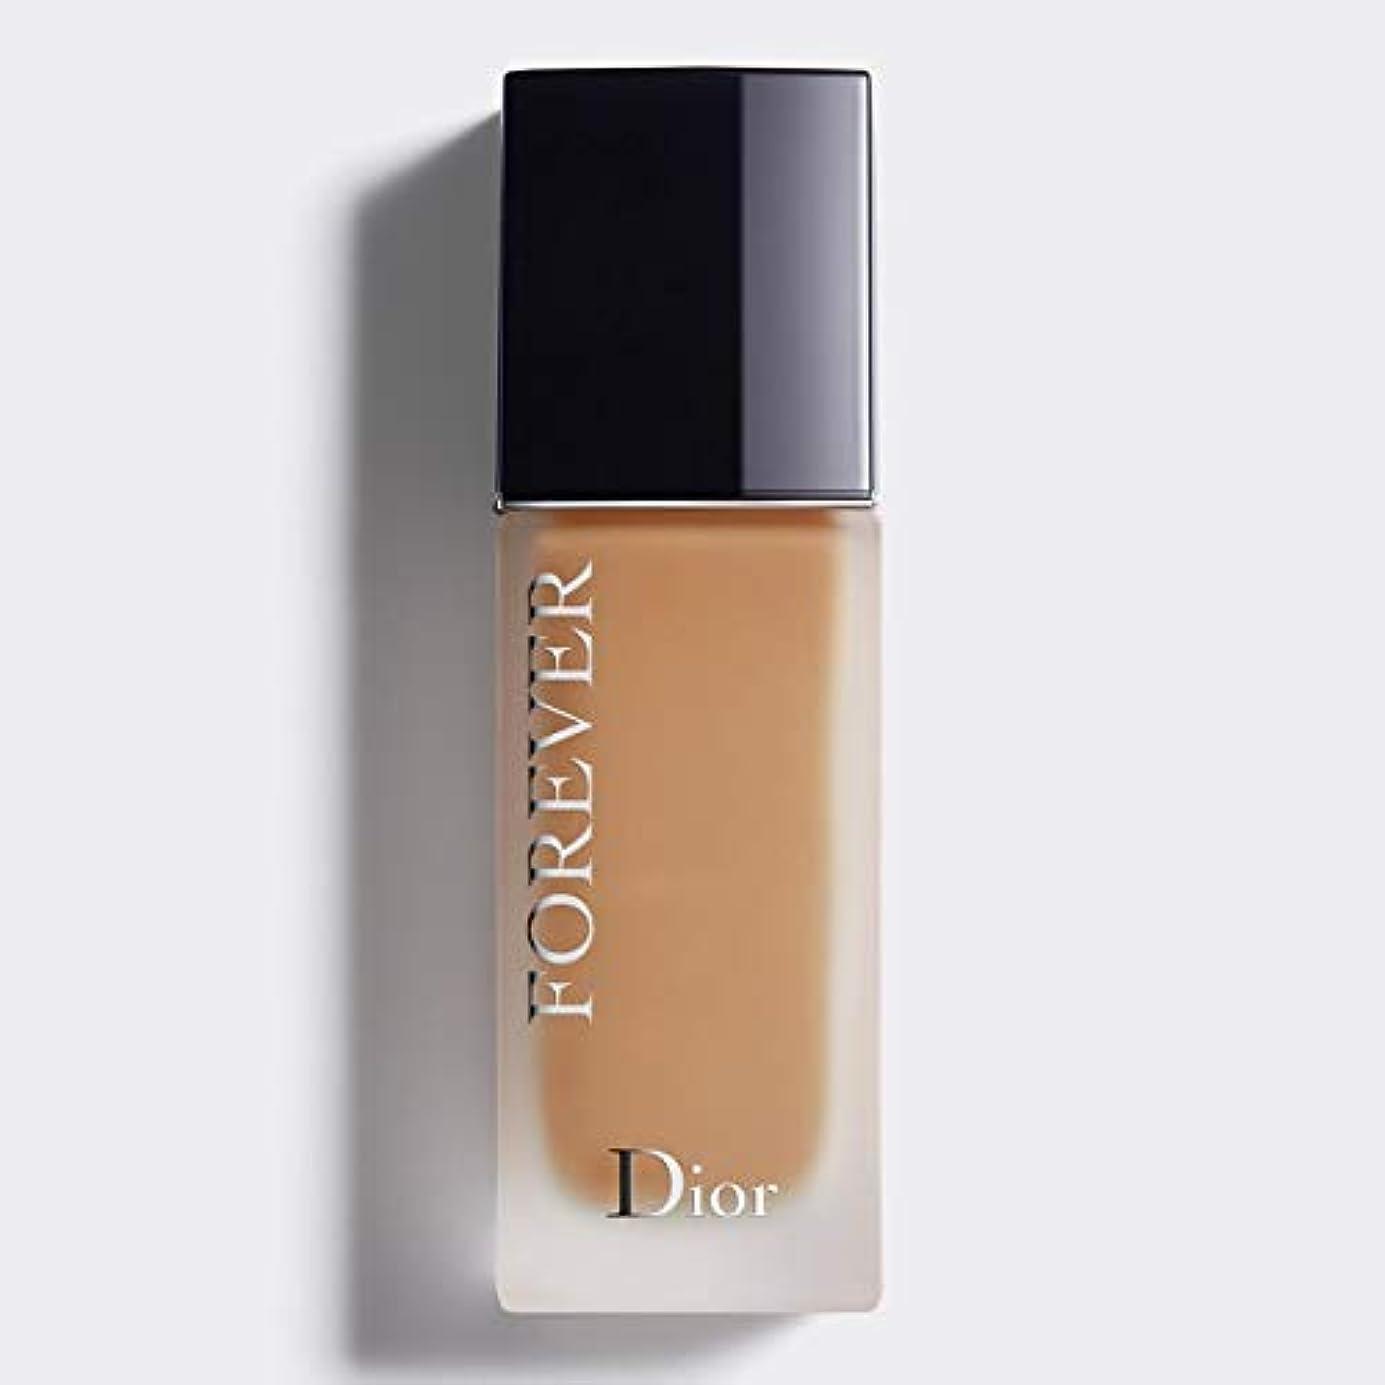 聖なるアコー手段クリスチャンディオール Dior Forever 24H Wear High Perfection Foundation SPF 35 - # 4W (Warm) 30ml/1oz並行輸入品